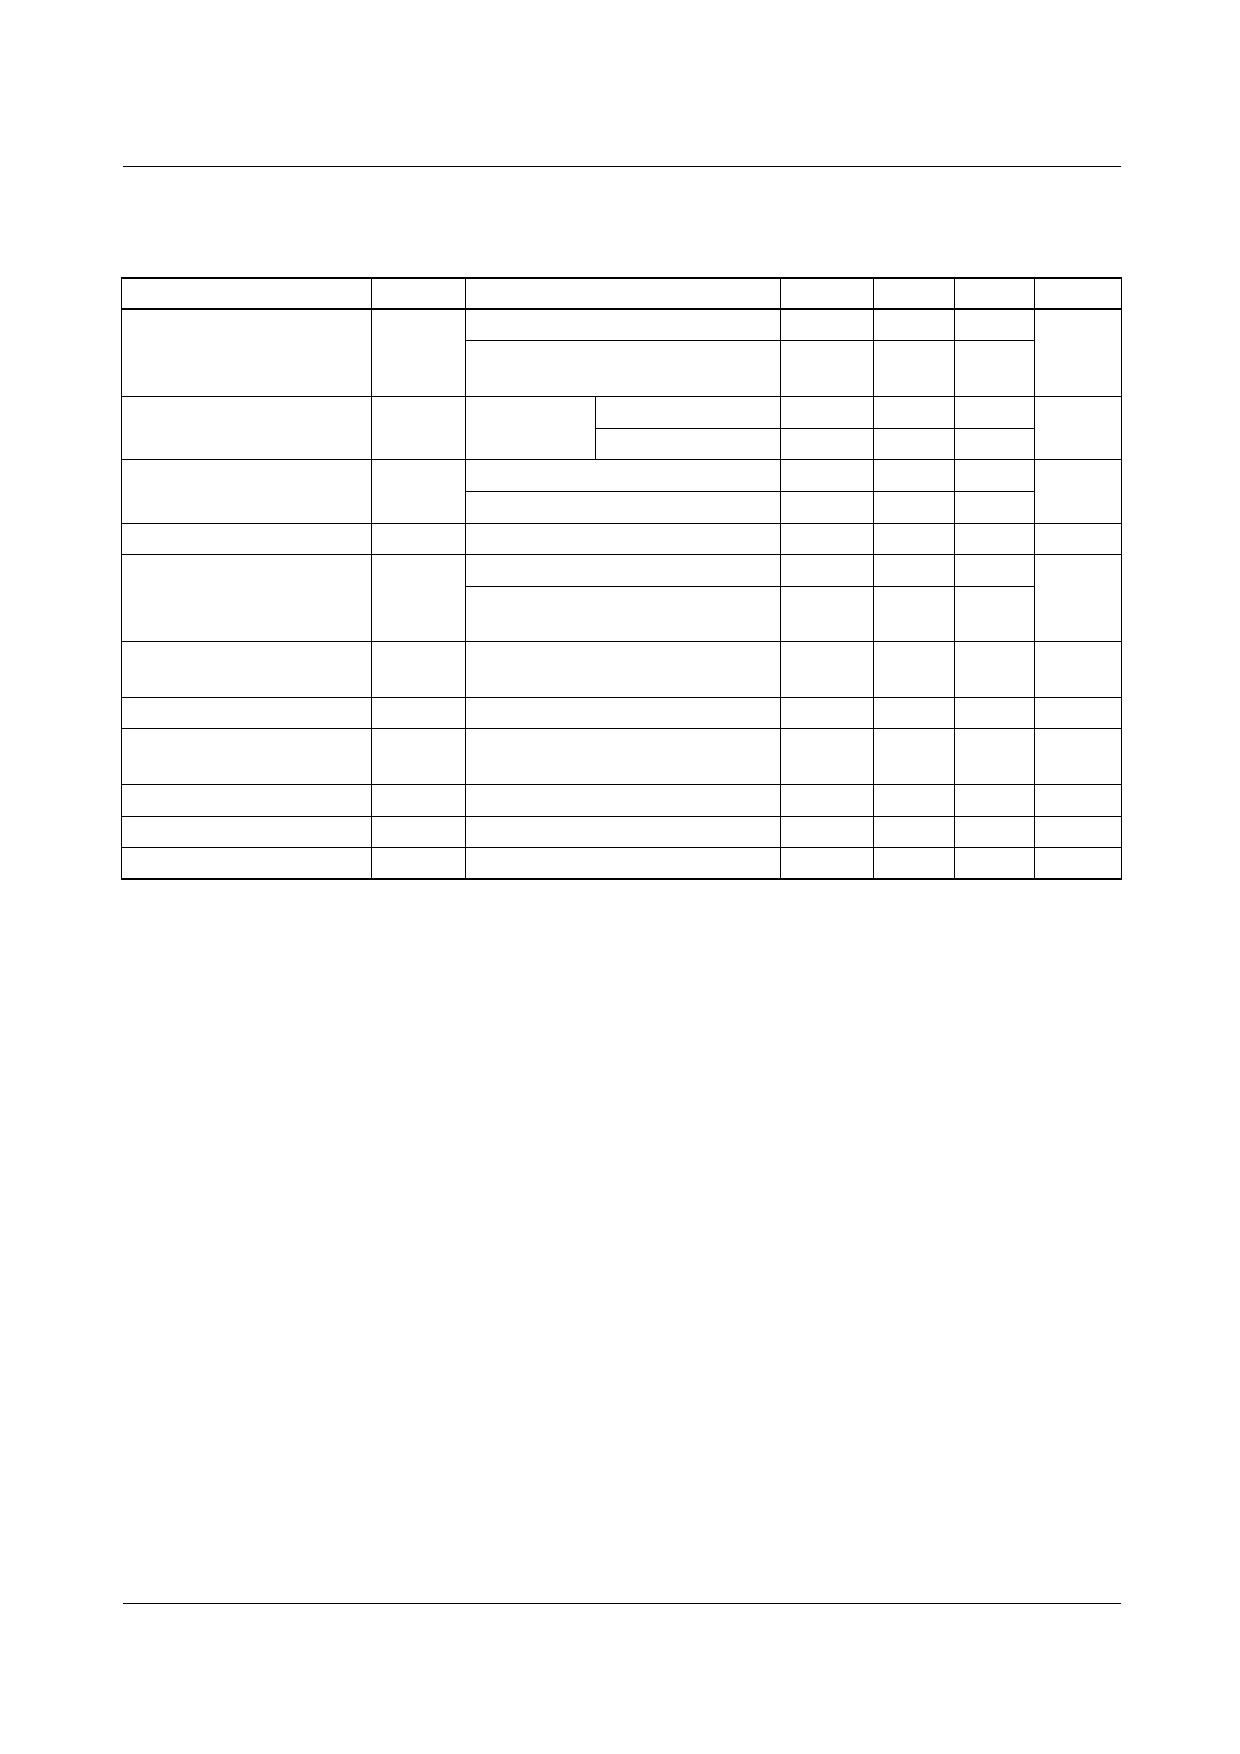 KA78M12R pdf, ピン配列